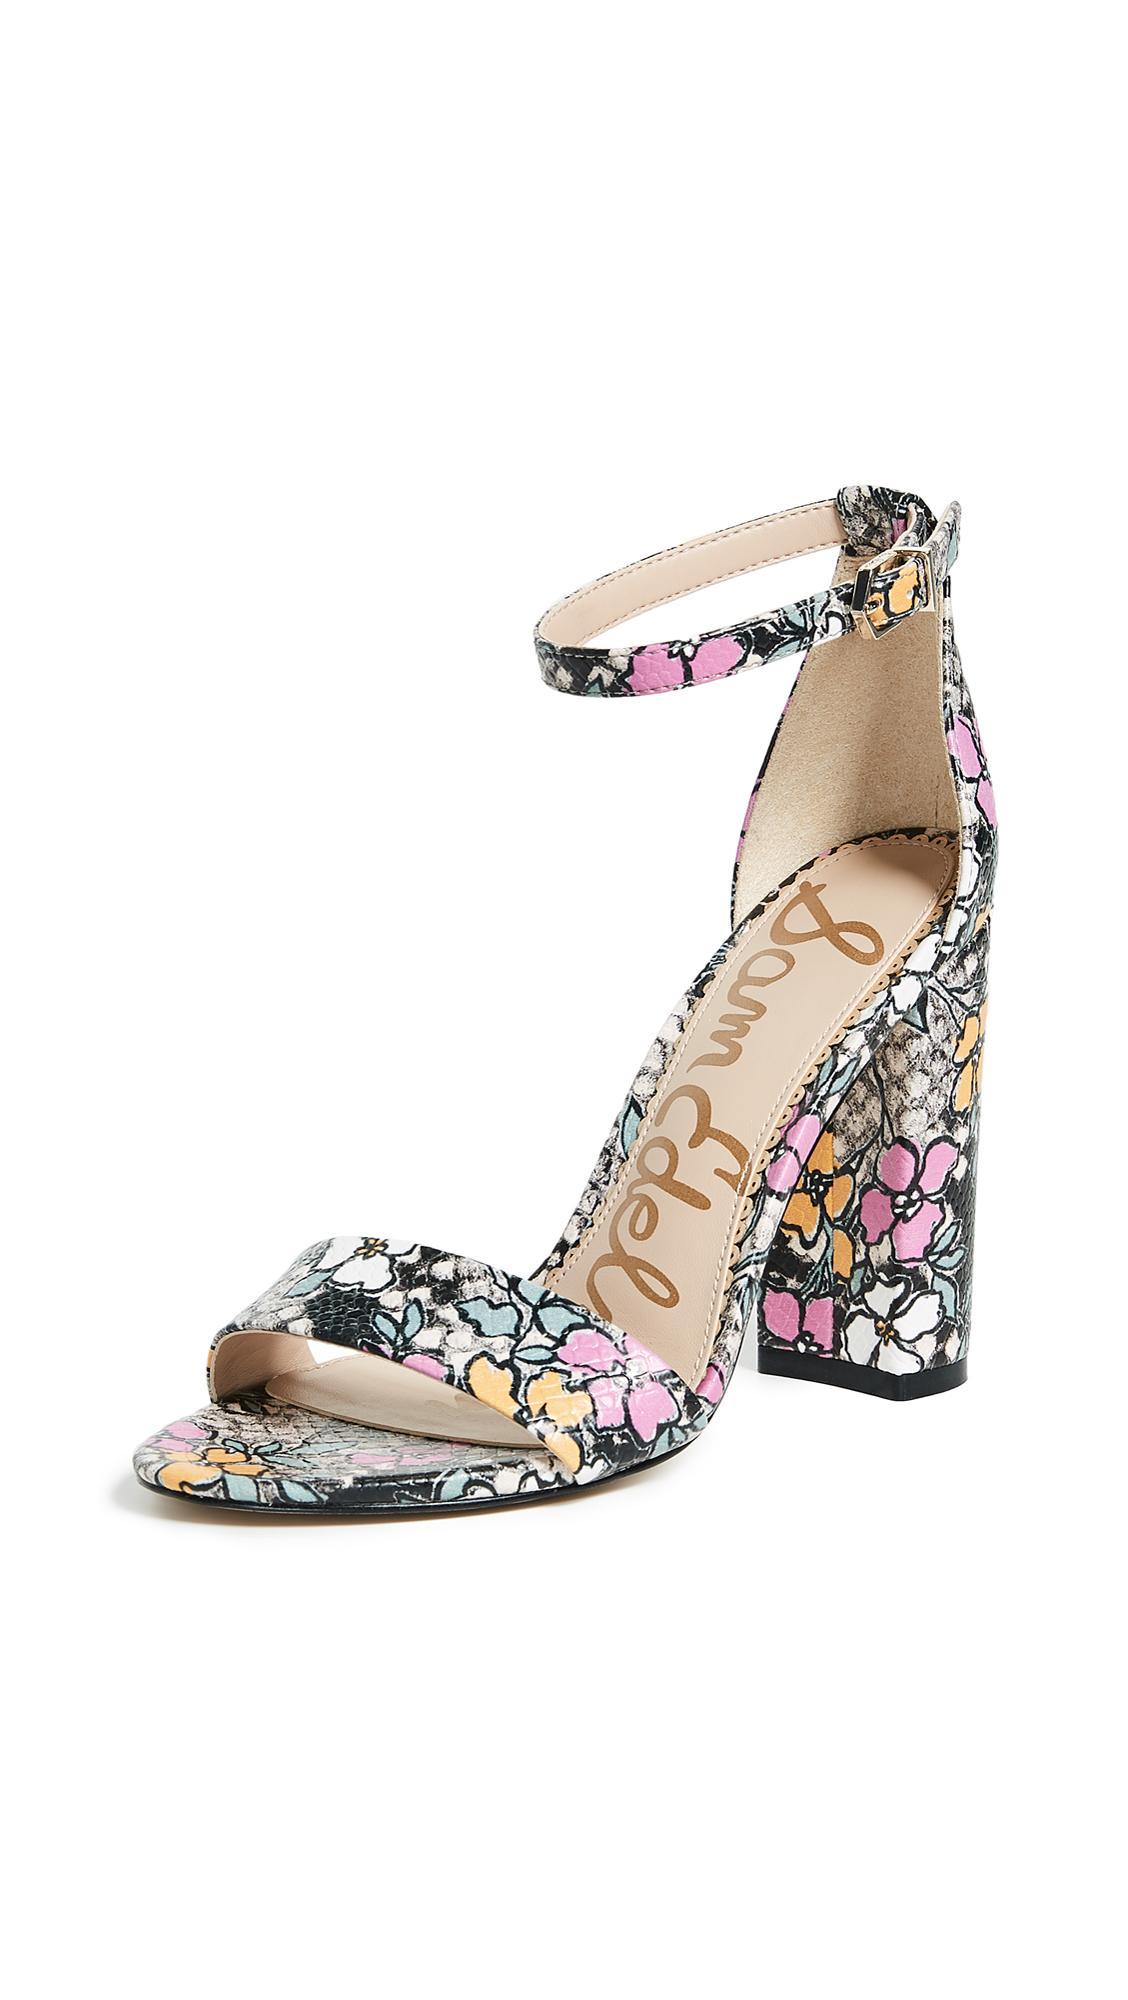 6e0ed40b1130 Sam Edelman Yaro Ankle Strap Sandal In Bright Multi